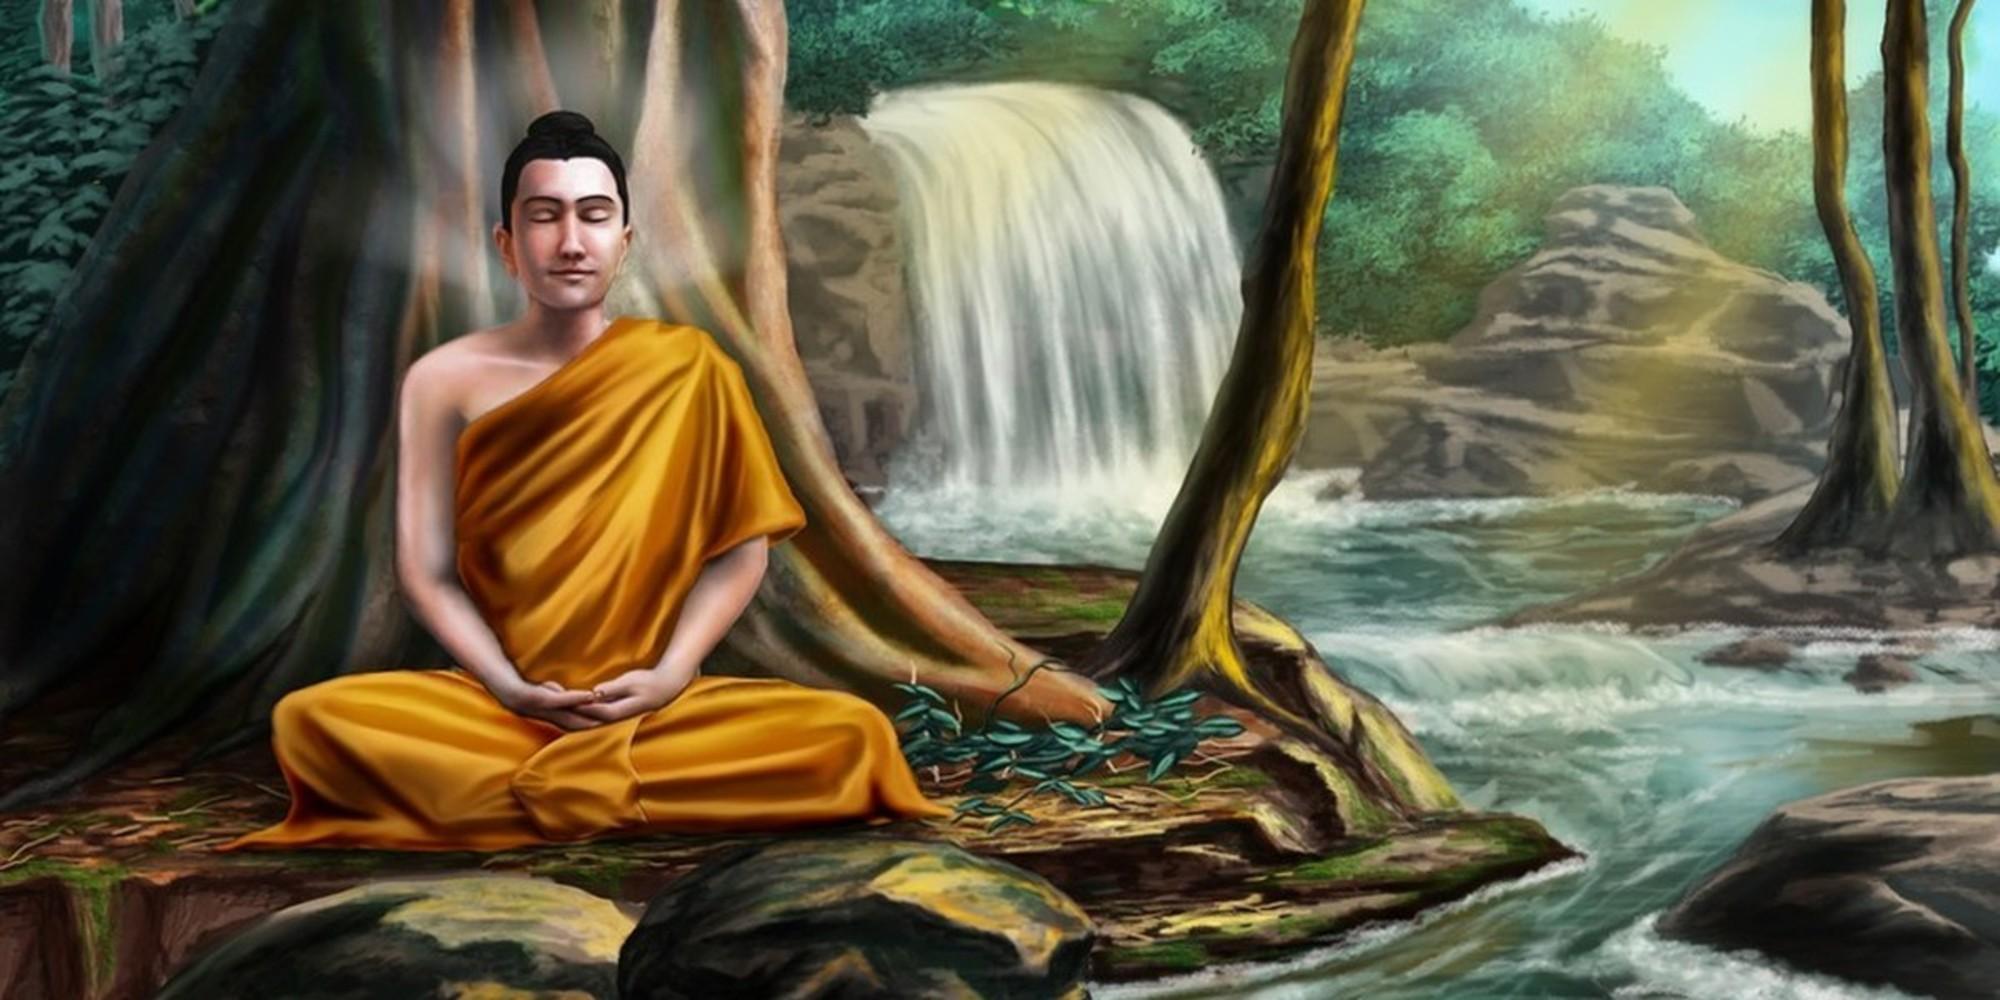 Ovih 6 priča Zen mudraca će vam promijeniti pogled na život